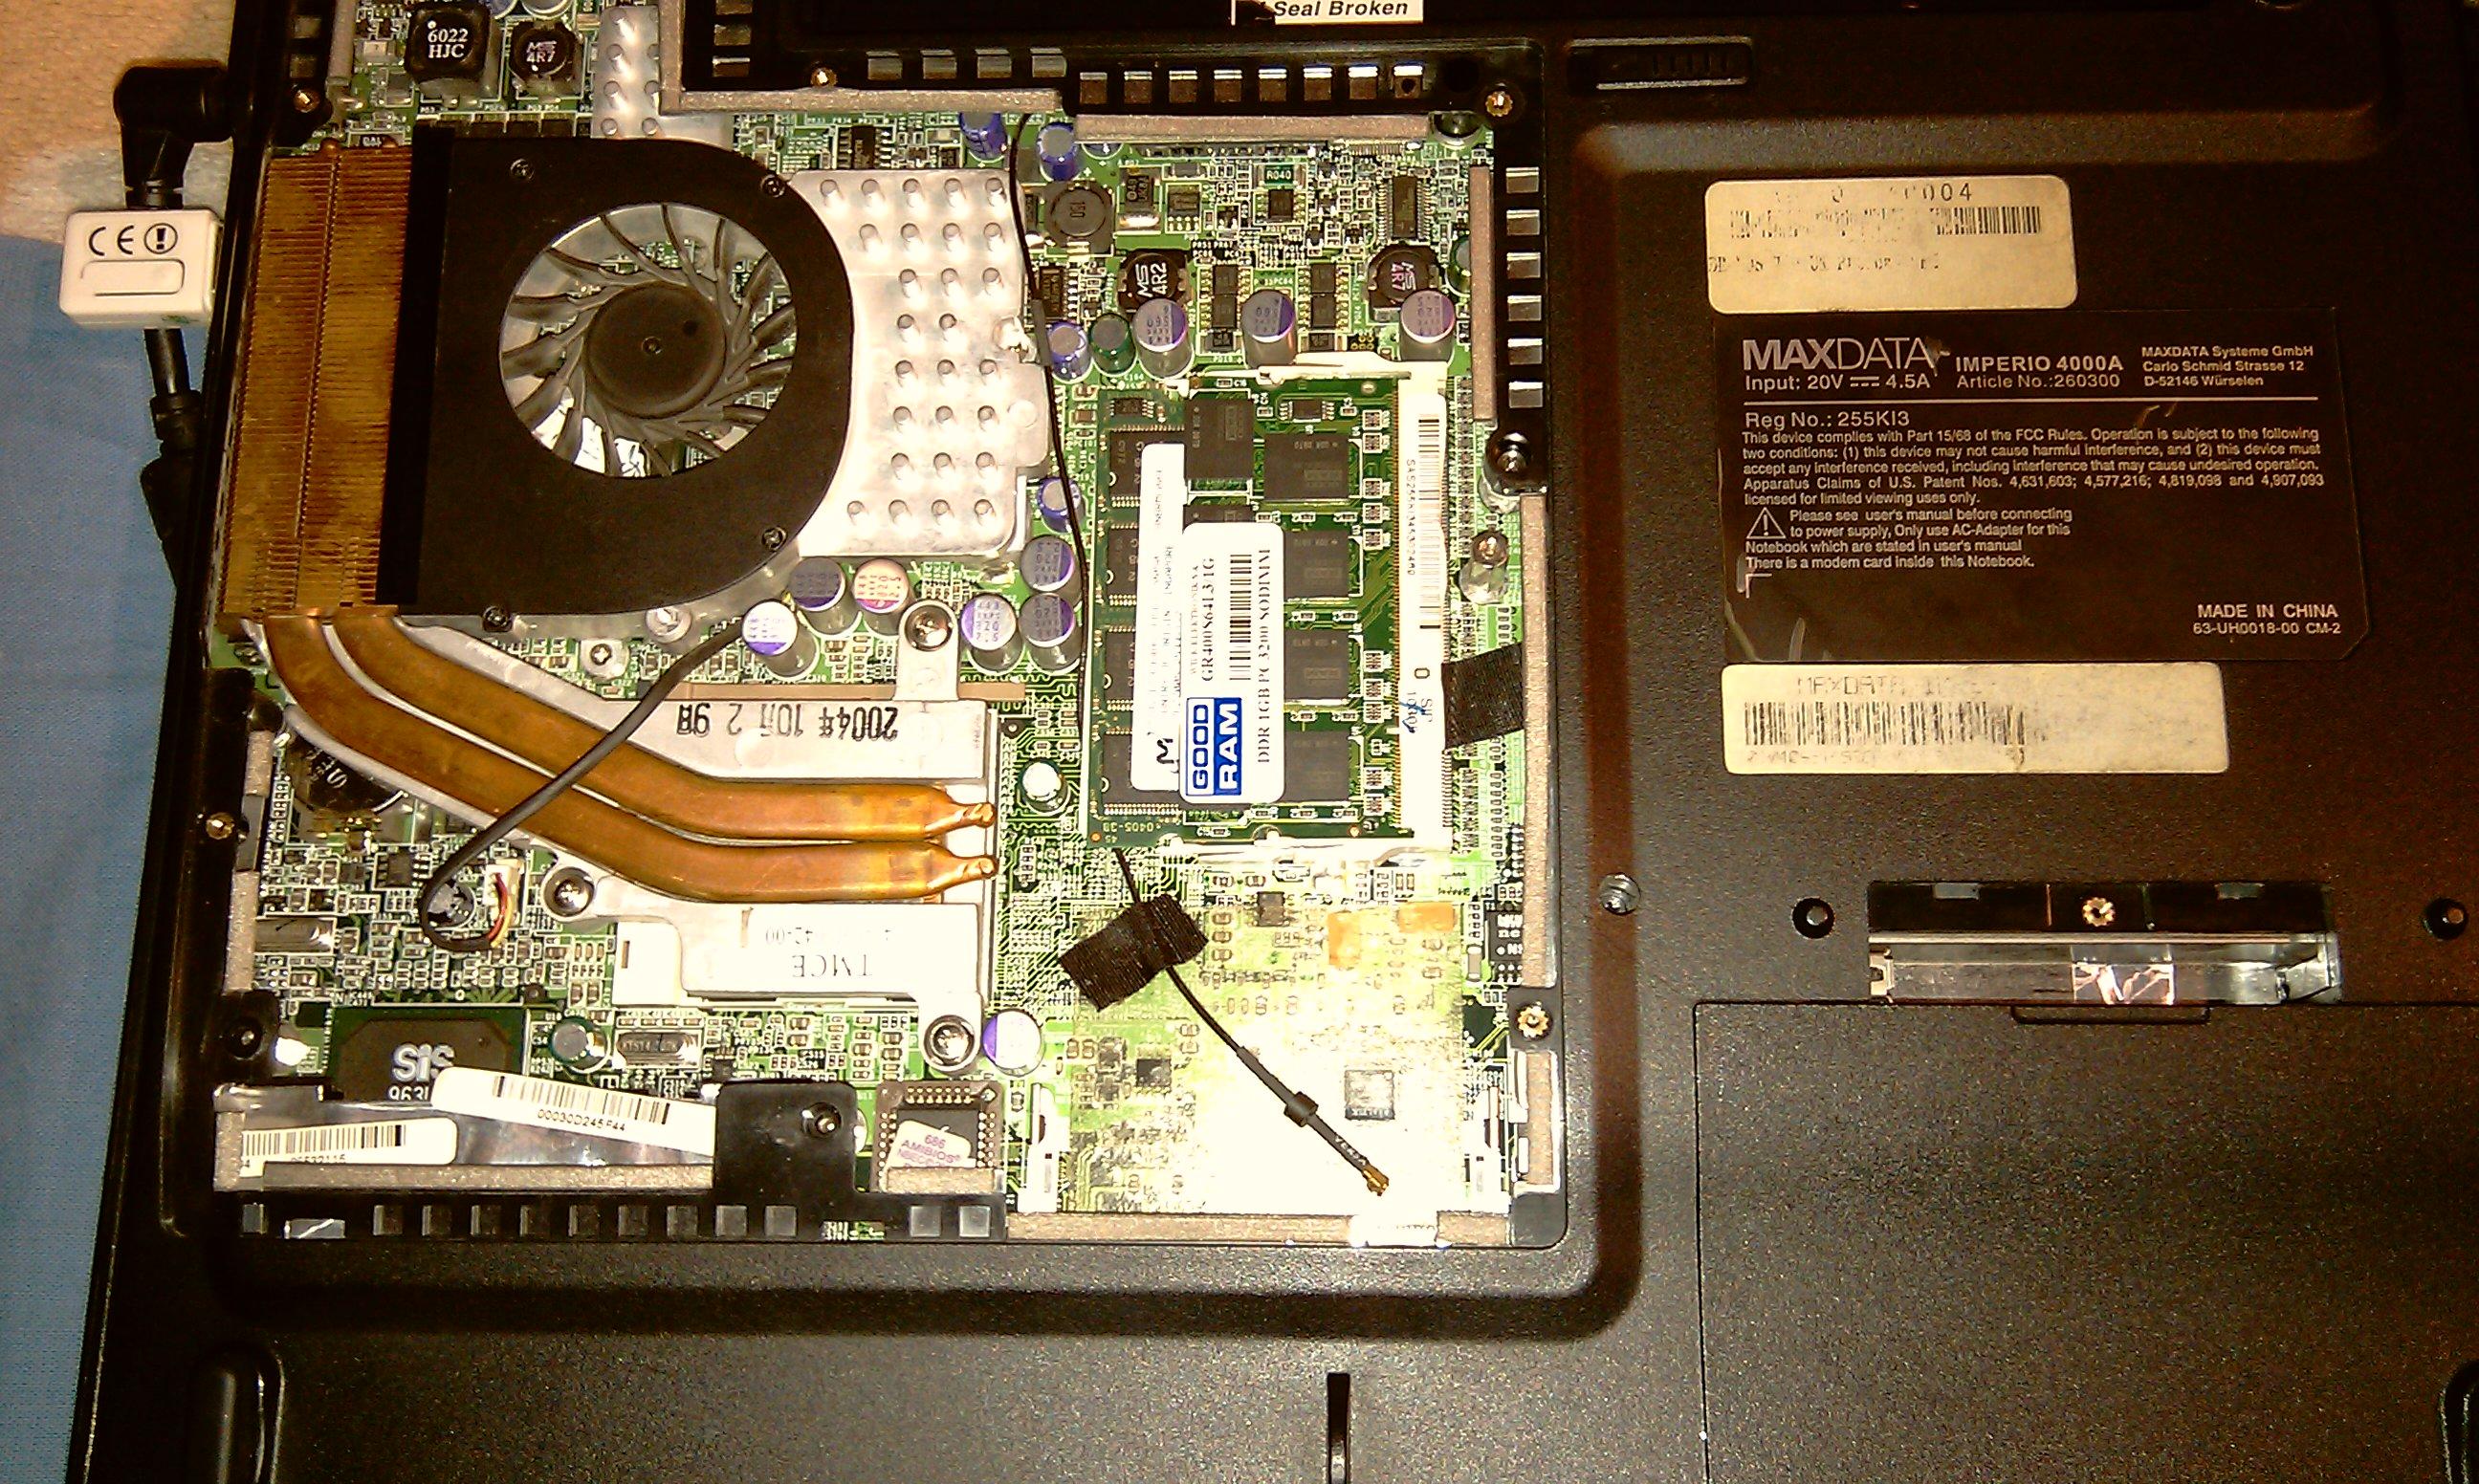 procesor w laptopie sie przegrzewa